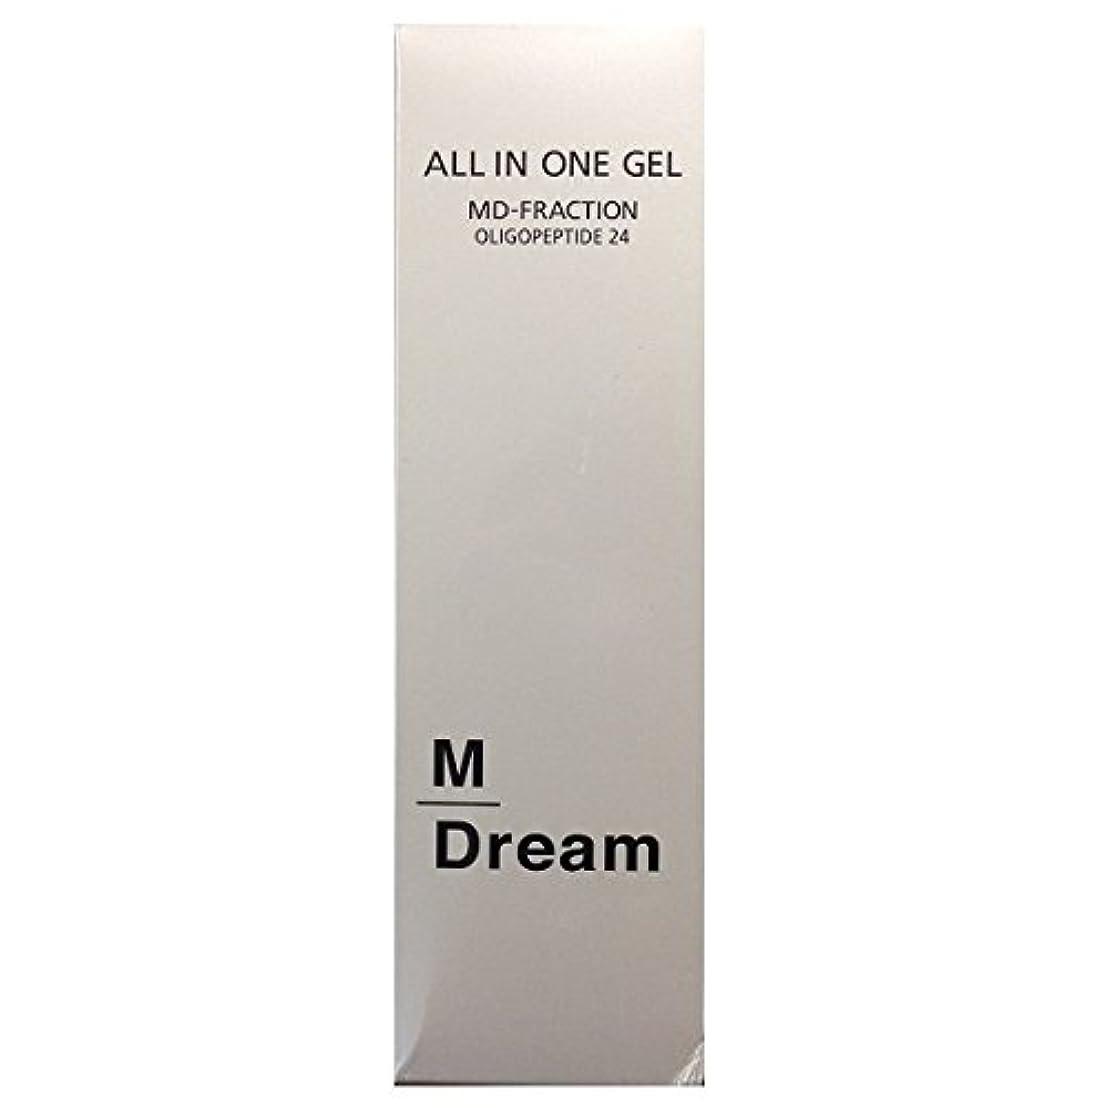 海峡マチュピチュプレゼントエムスリー MDオールインワンジェル M Dream